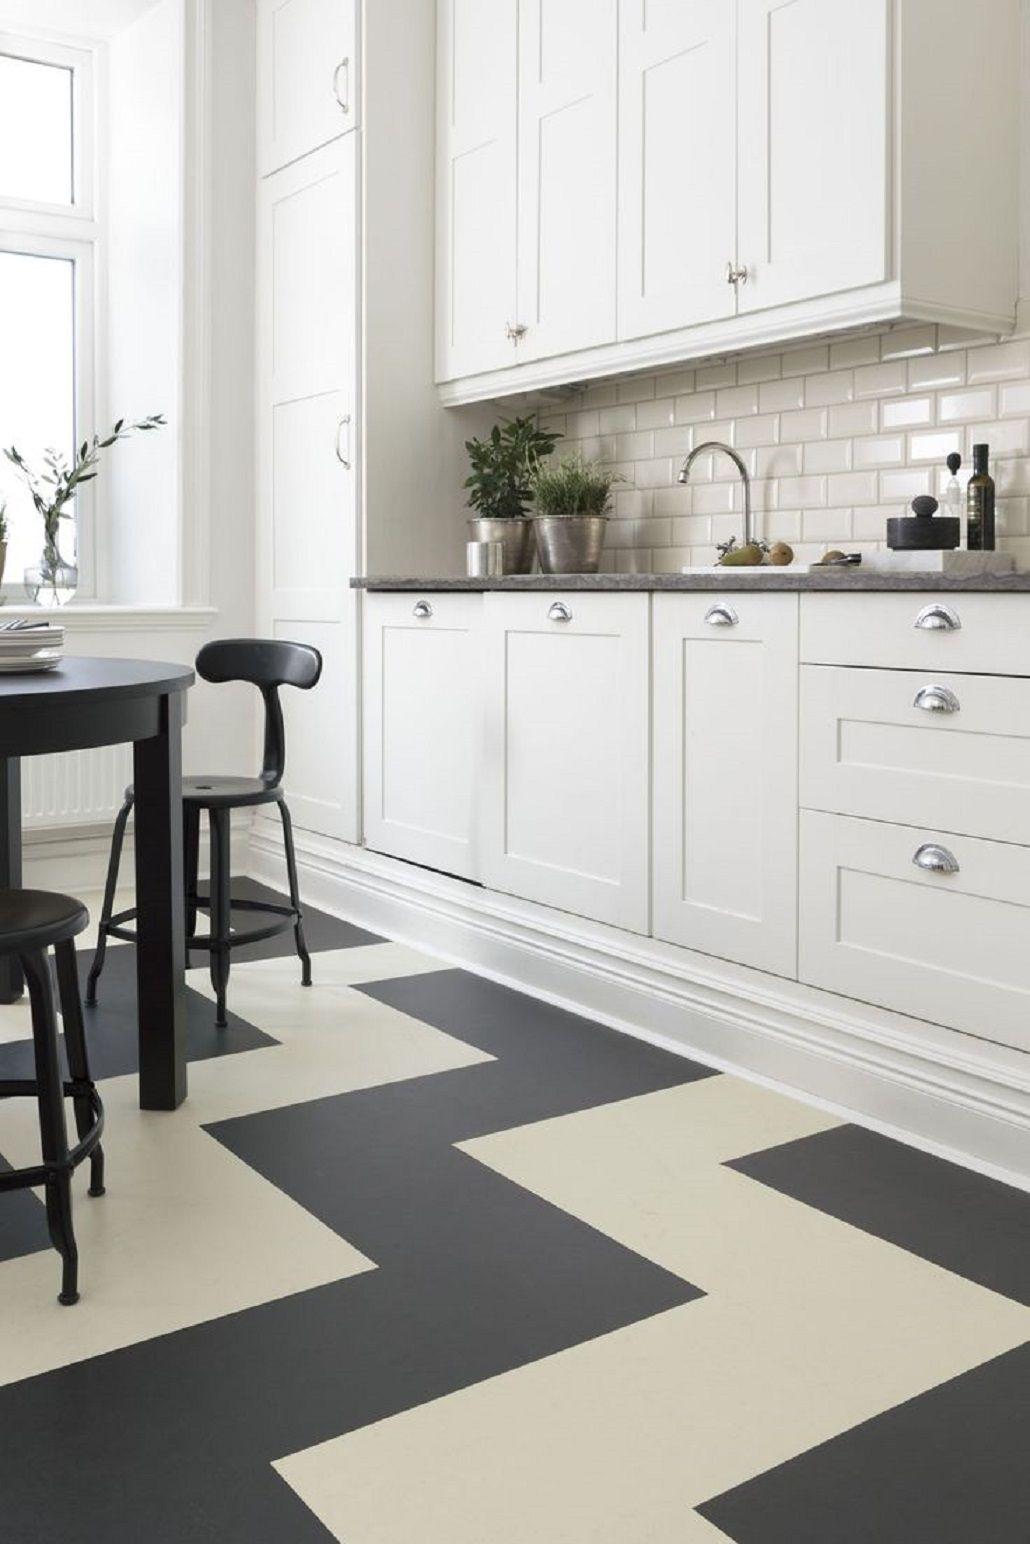 Linoleum Bodenbelag in der Küche - Malerei Küche Stühle ist ein